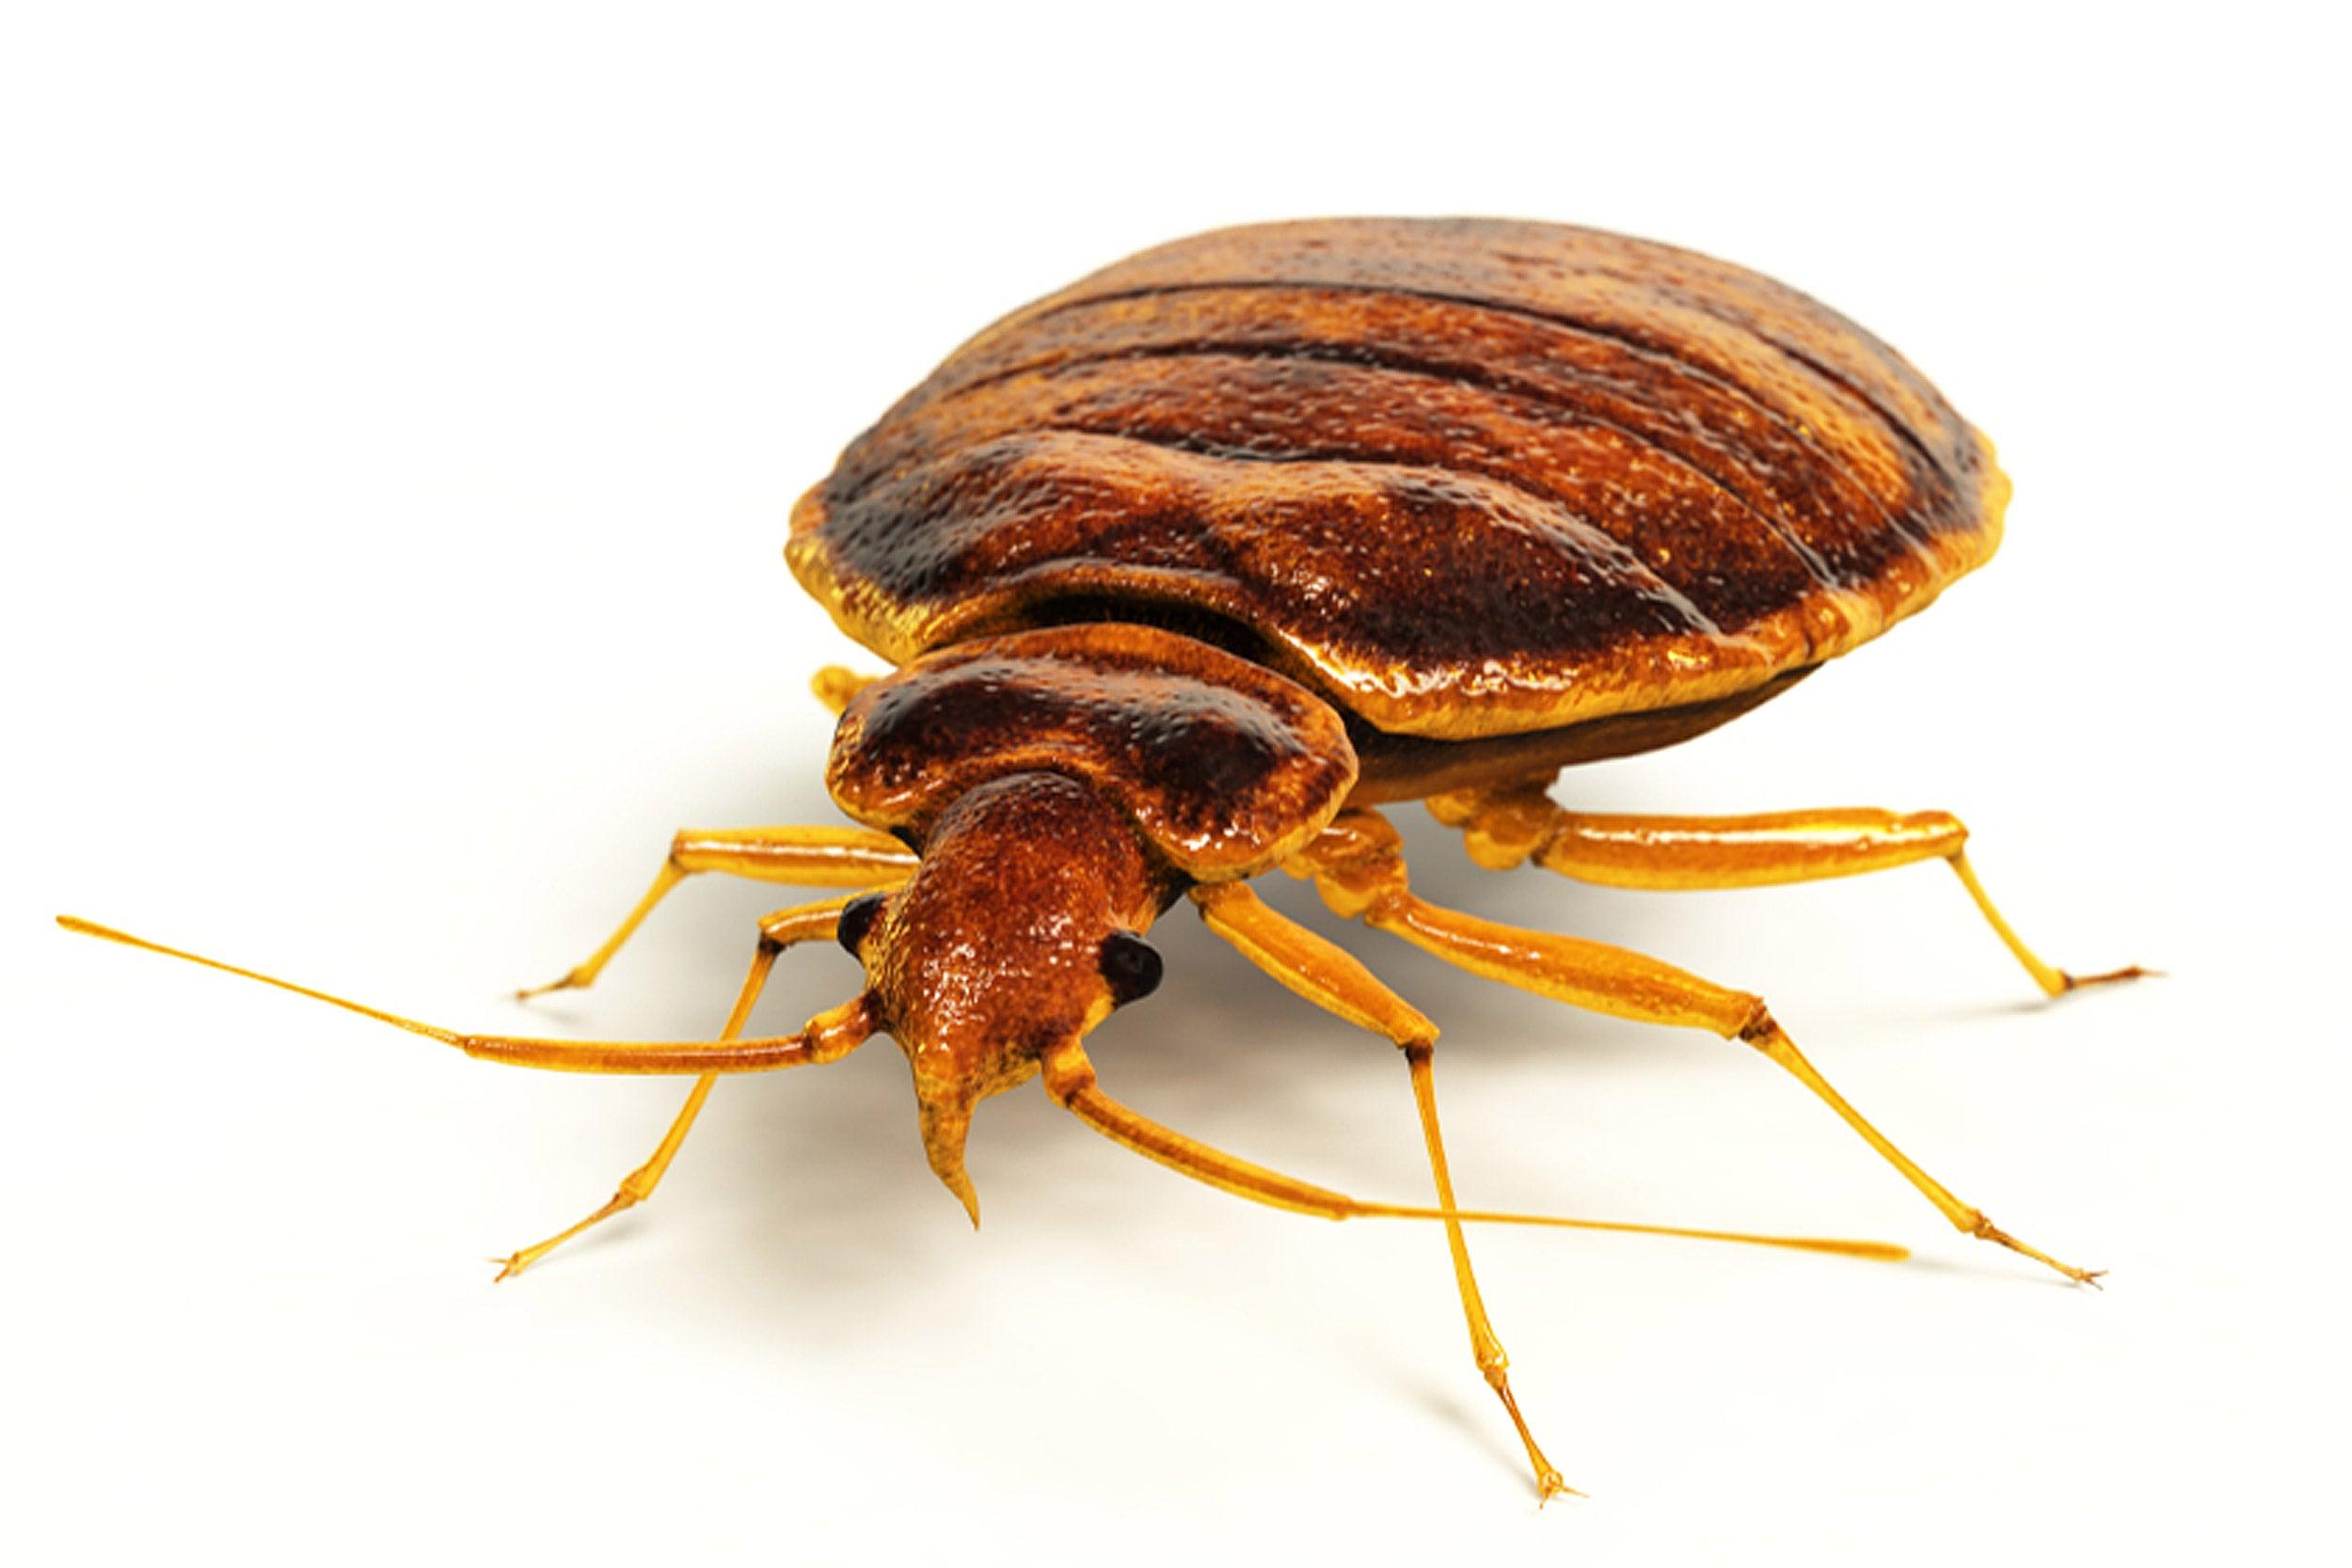 A bedbug.